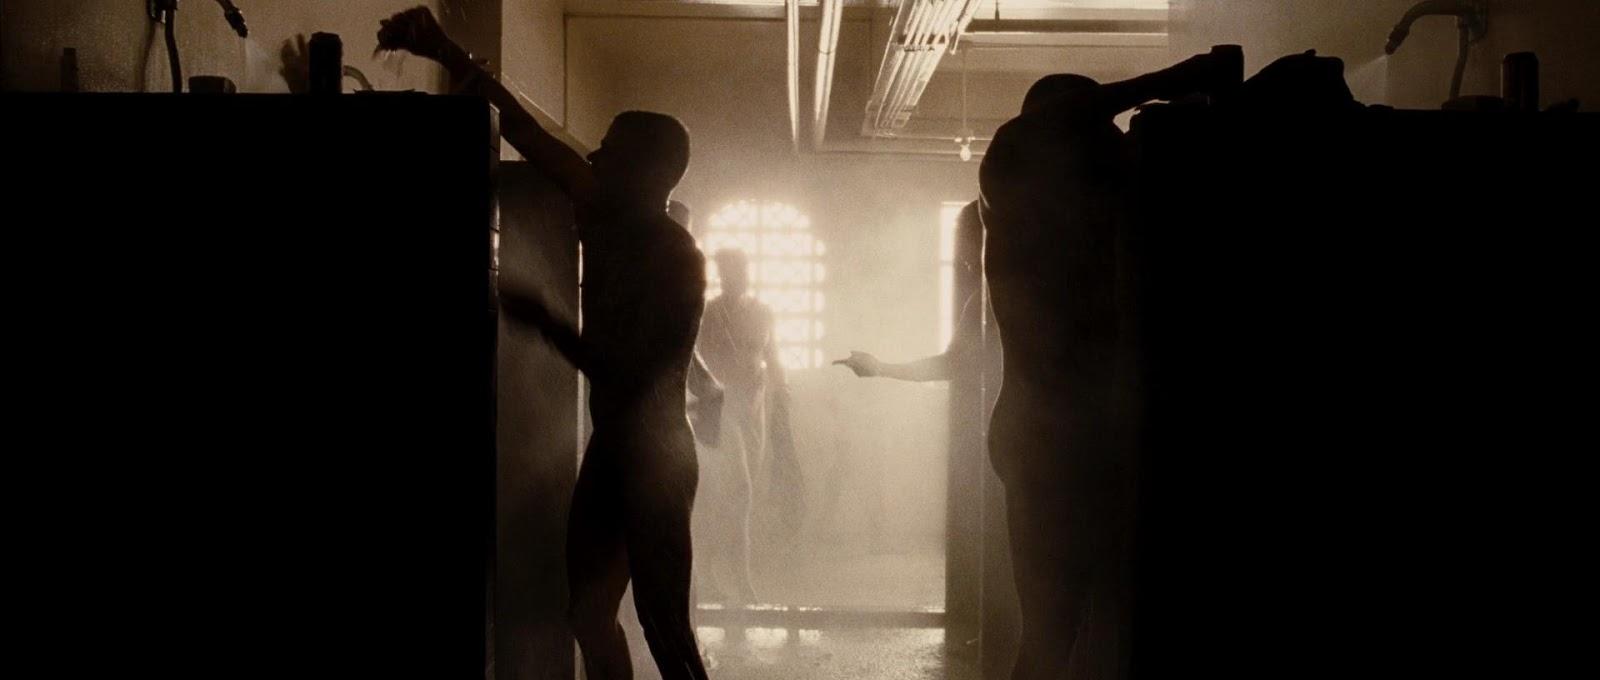 jarhead naked Jake gyllenhaal